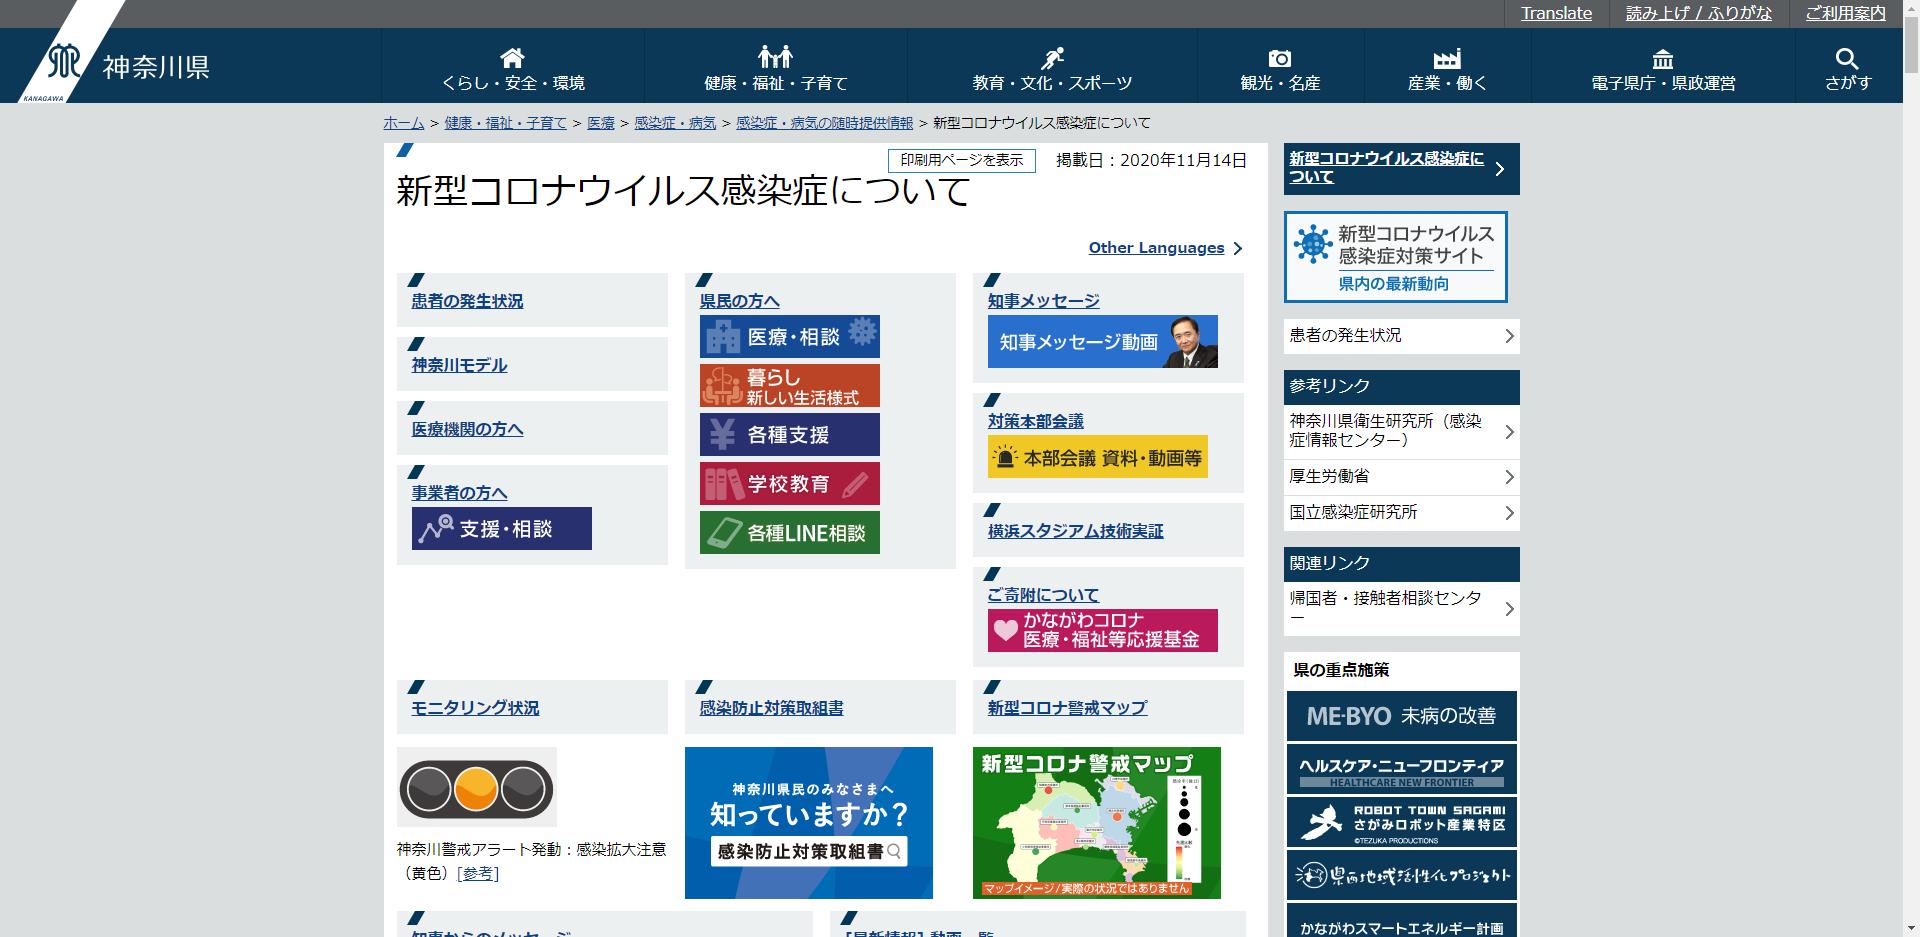 神奈川県の新型コロナウイルス感染症への対応状況